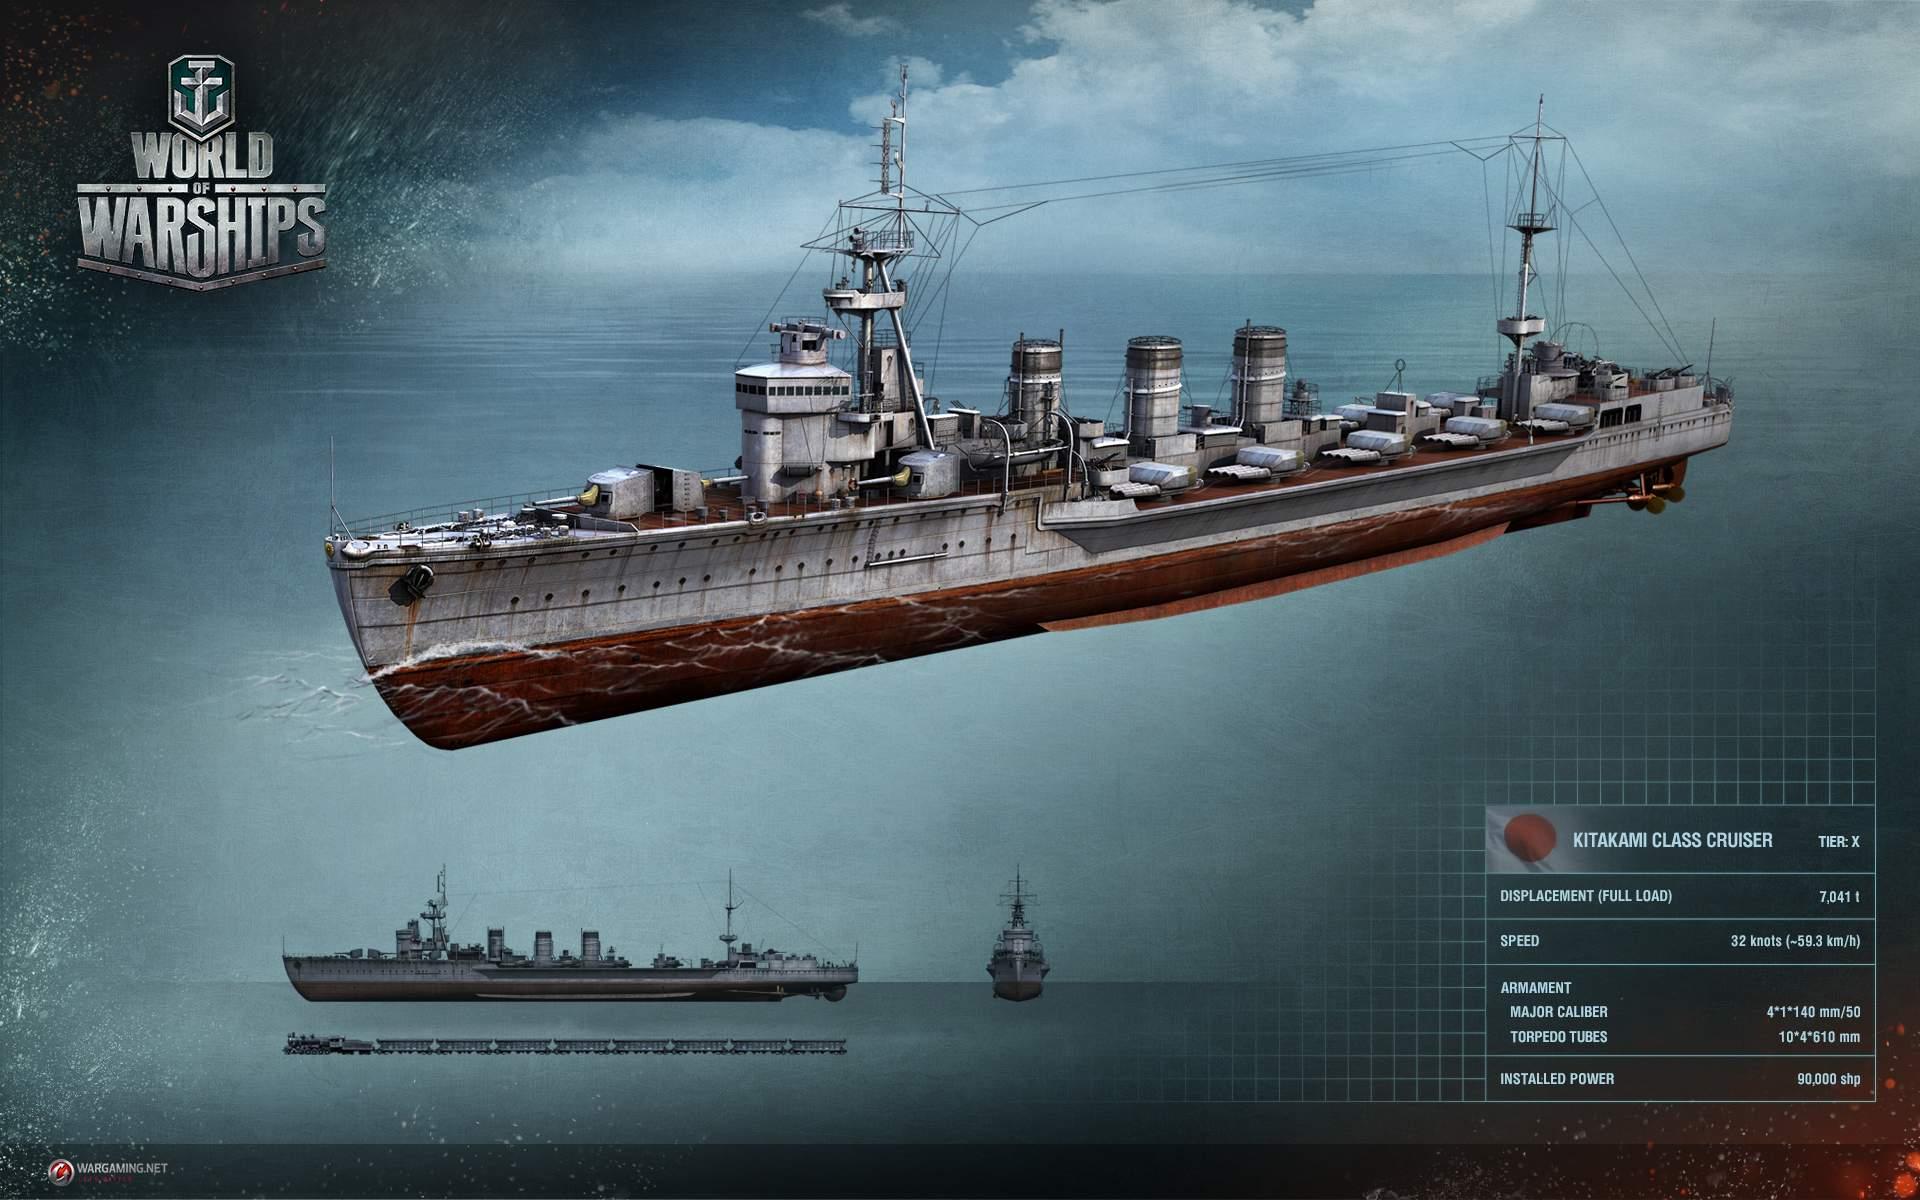 World of Warships: Kitakami – dieses Schiff ist zu gefährlich für WoWs